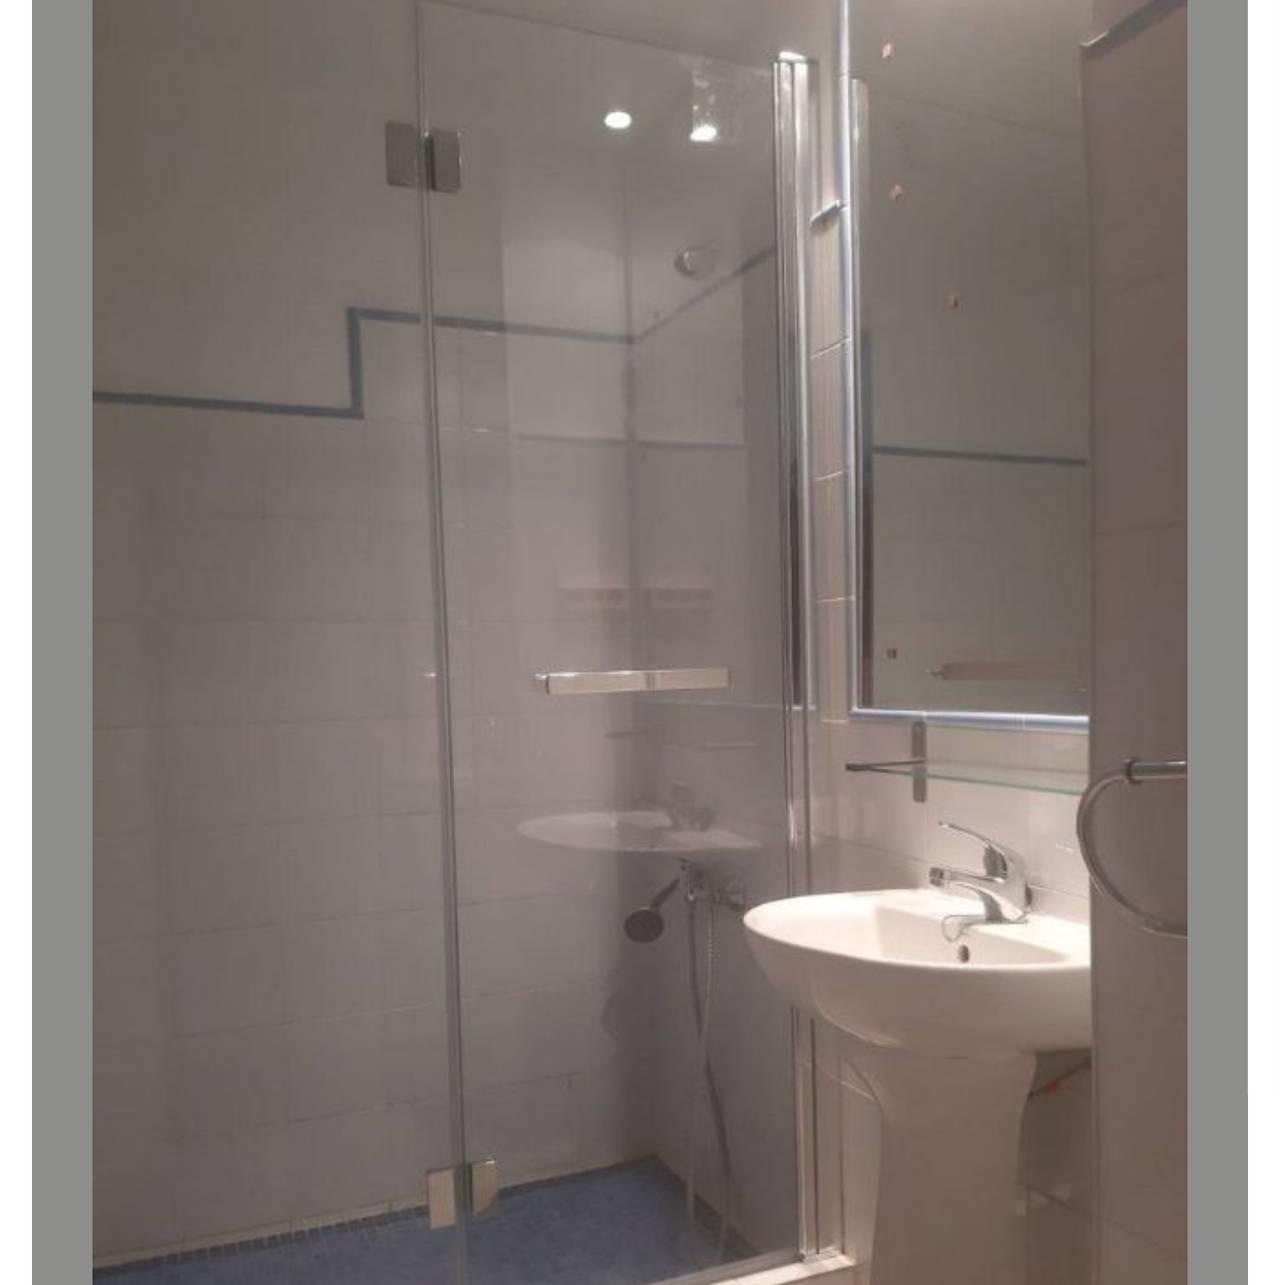 alquiler de piso Judería Sevilla  - Foto 5